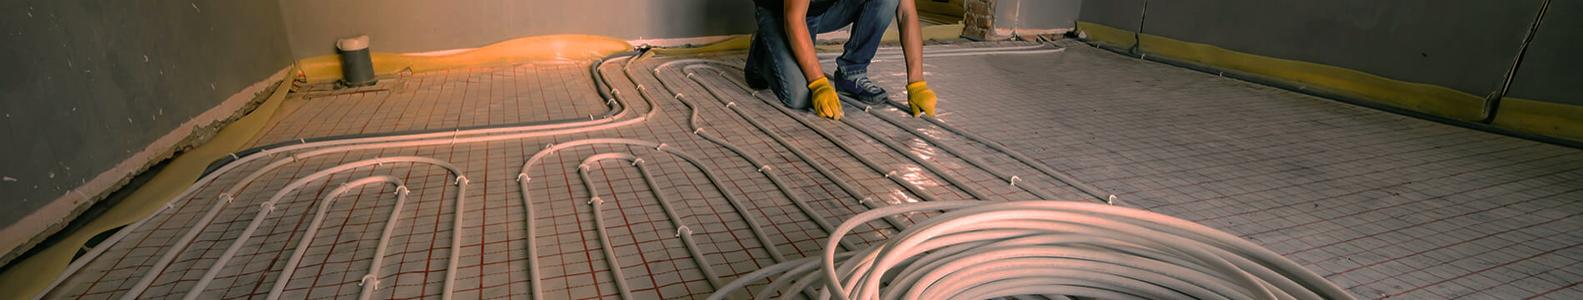 Grindinis šildymas | Grindinio šildymo įrengimas  Elektra arba vandeniu šildomų grindų montavimas